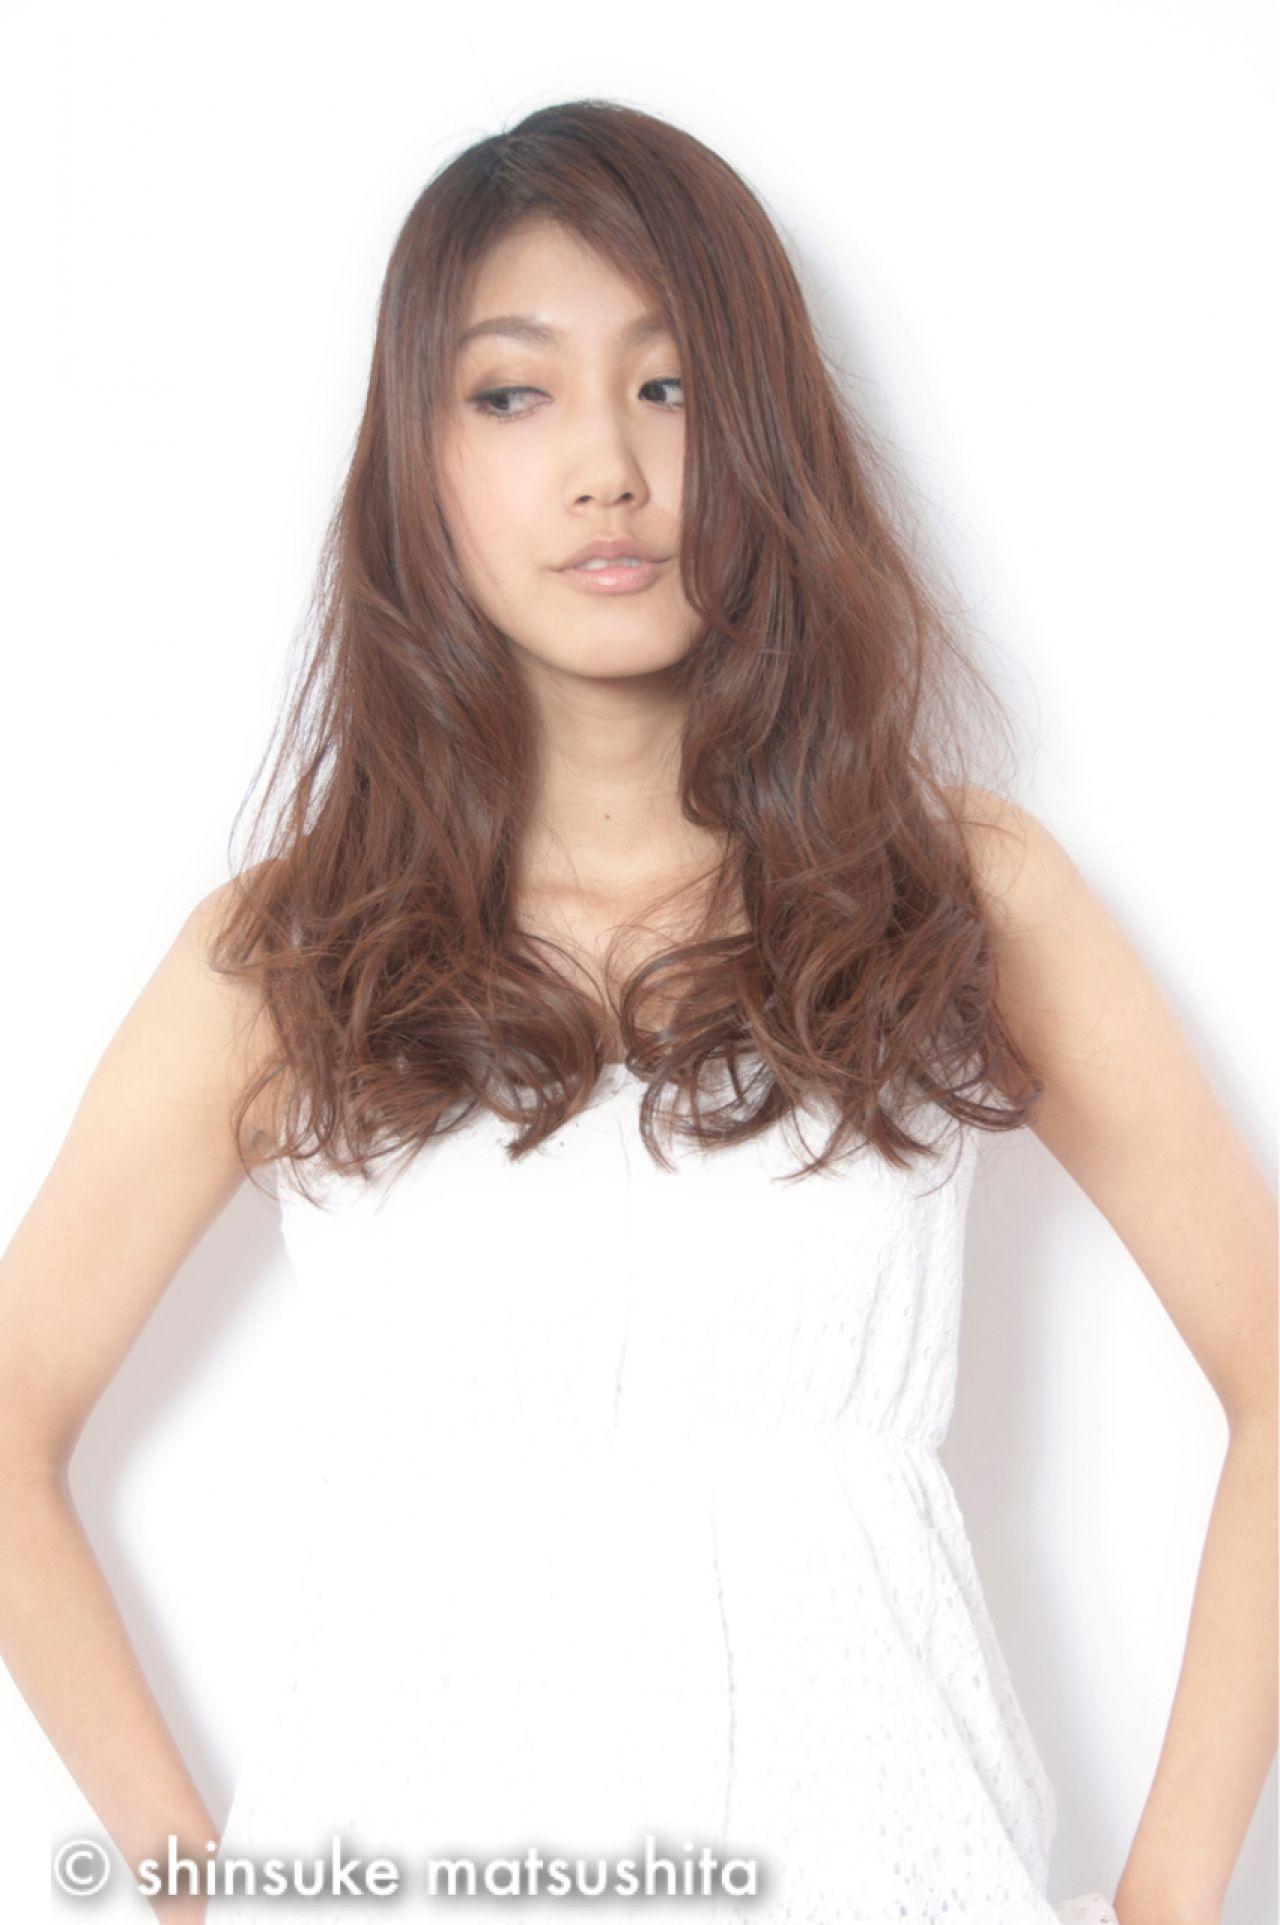 夏の髪色、もう決まった?可愛すぎて気分底上げのヘアカラーをご紹介♪ 松下 真輔 / keep hair design